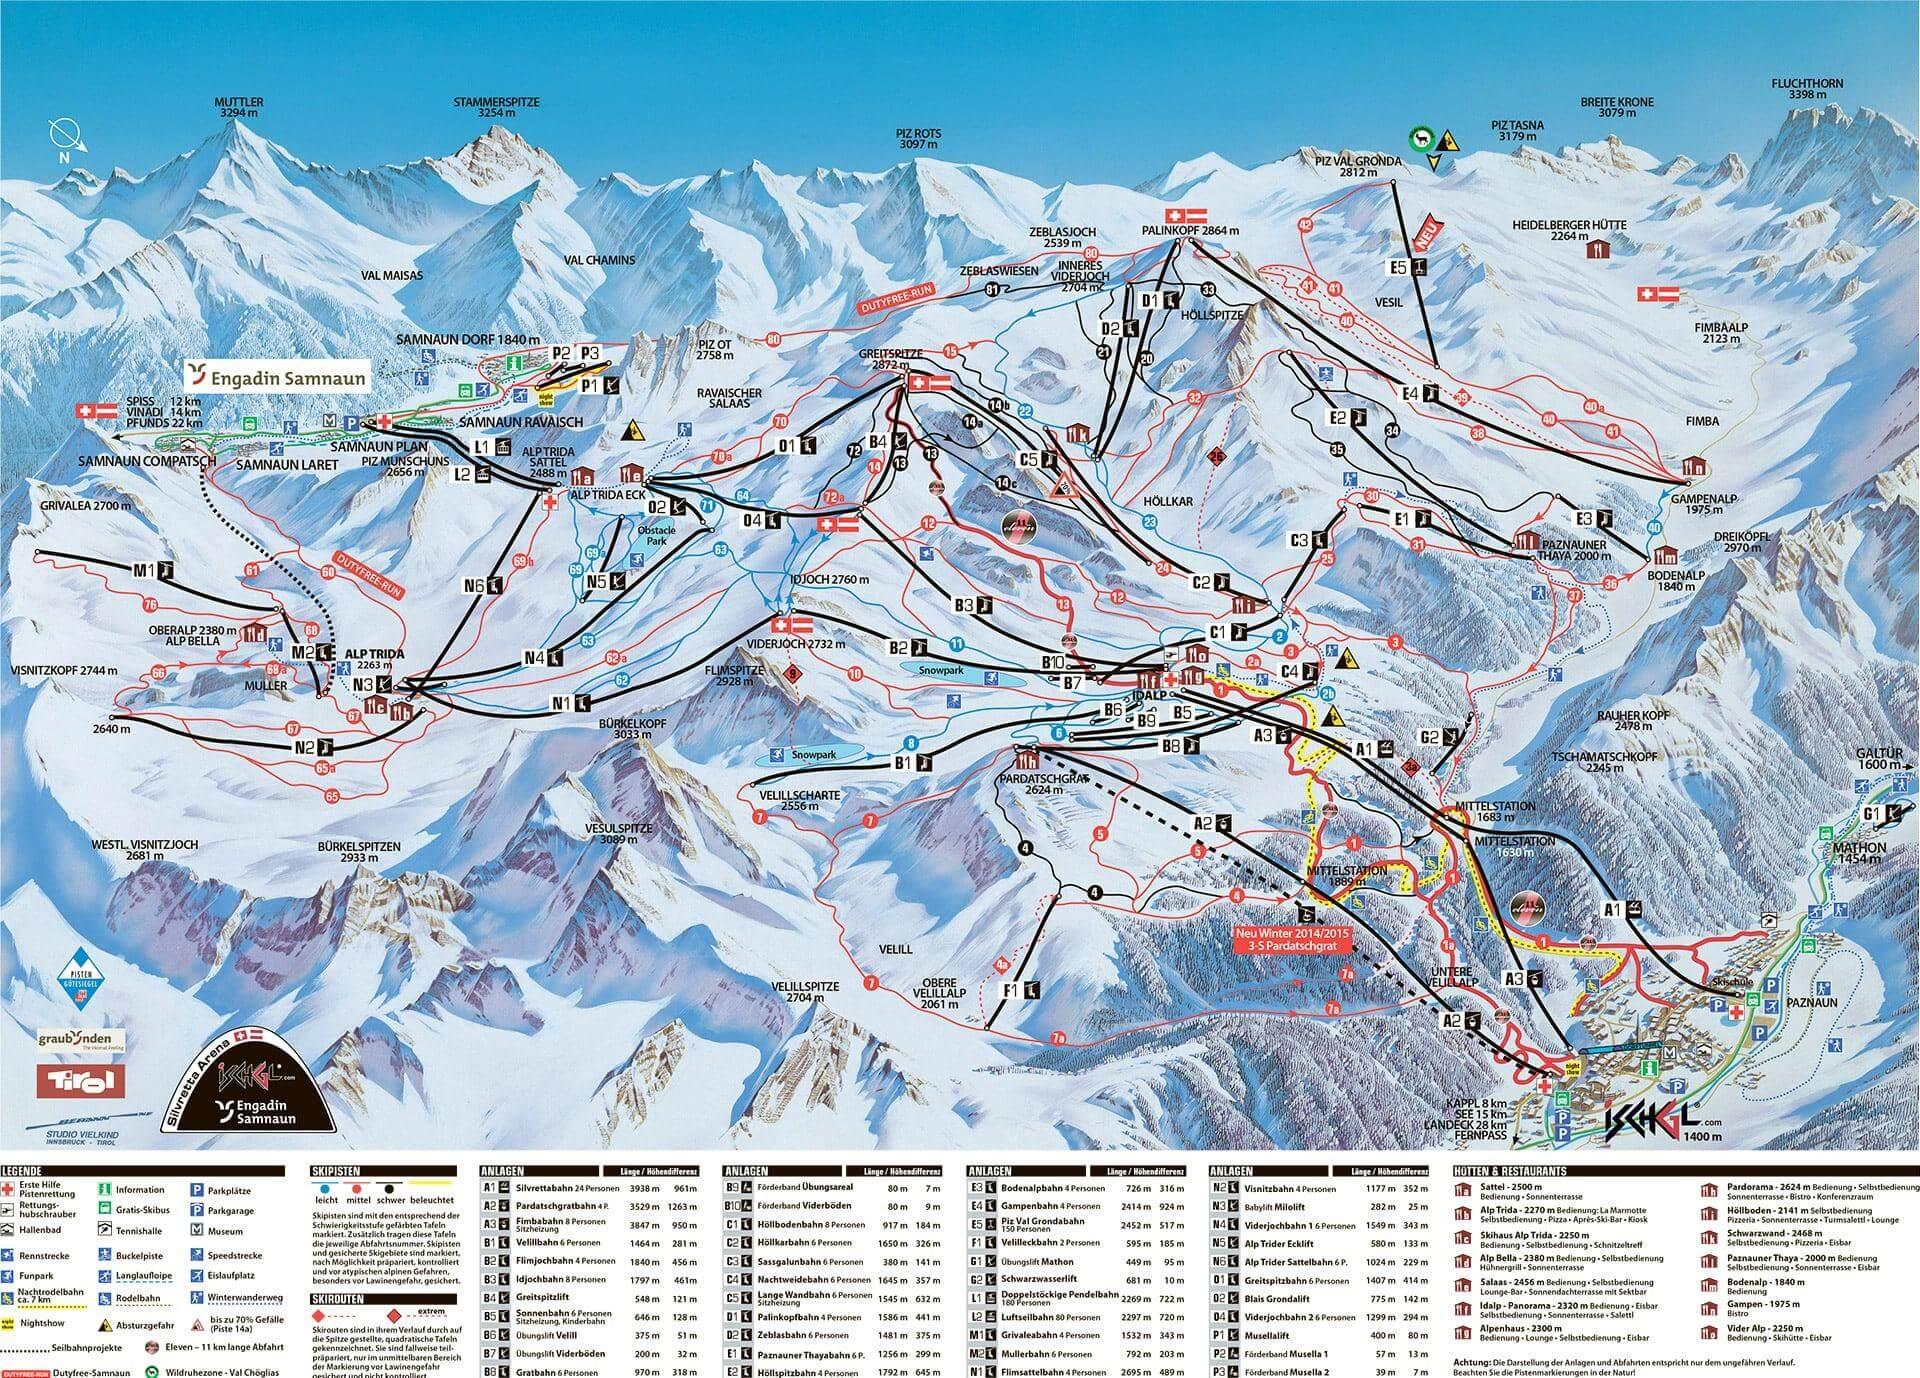 Схема спусков на горнолыжном курорте Ишгль, Австрия